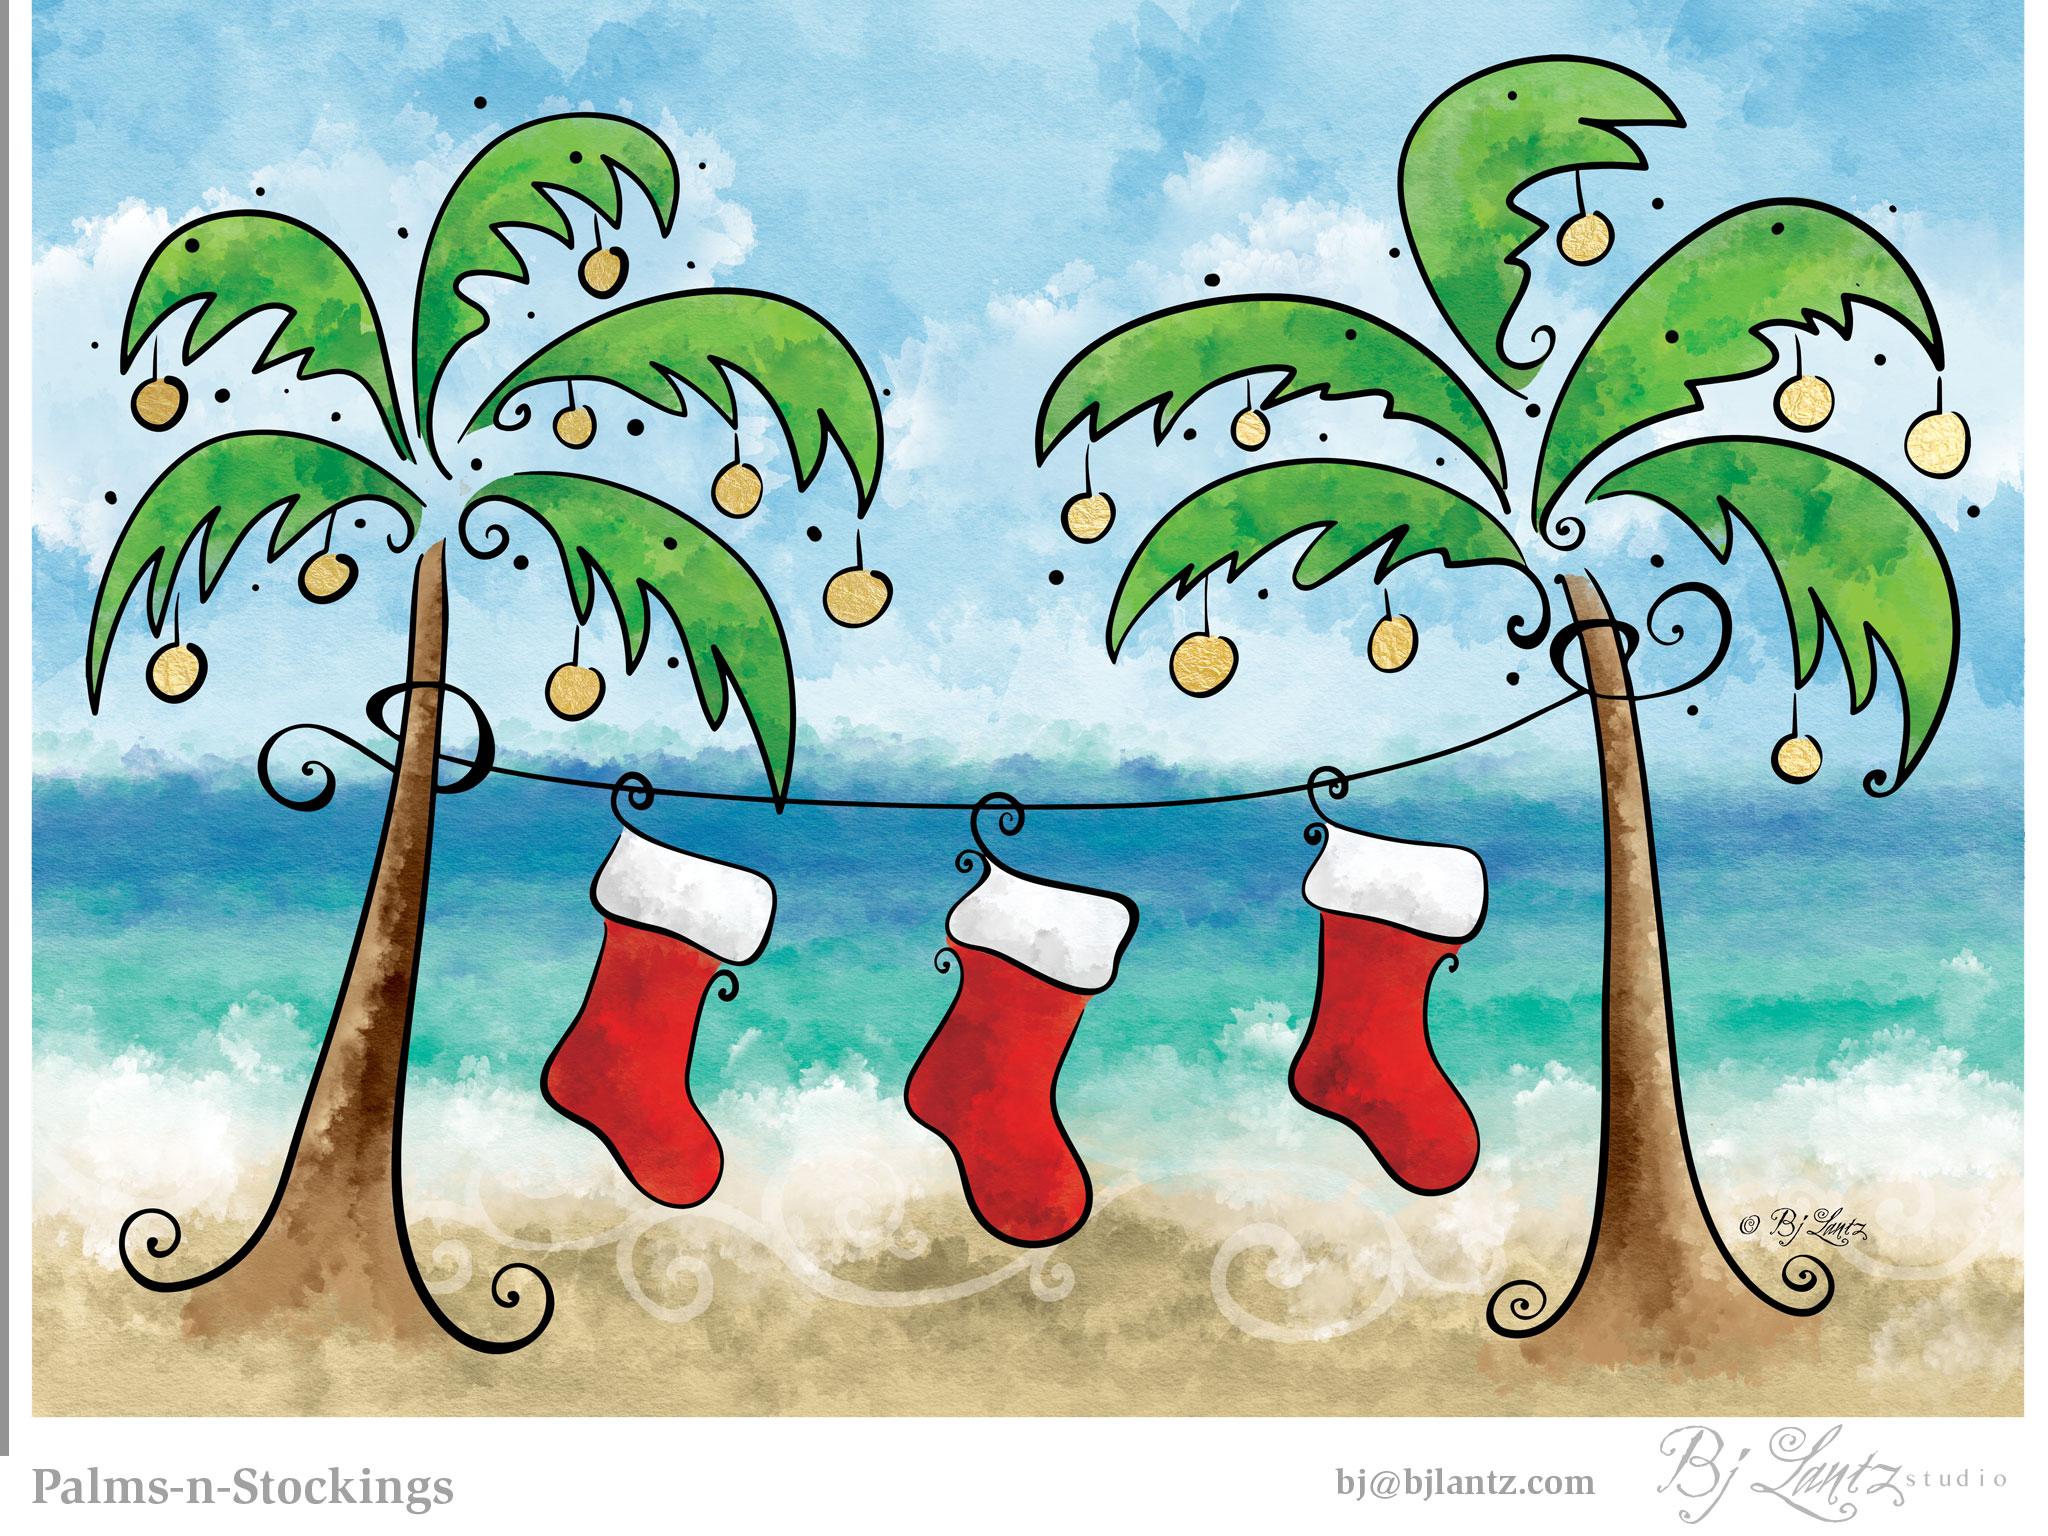 Palms-n_stockings_portfolio_1.jpg